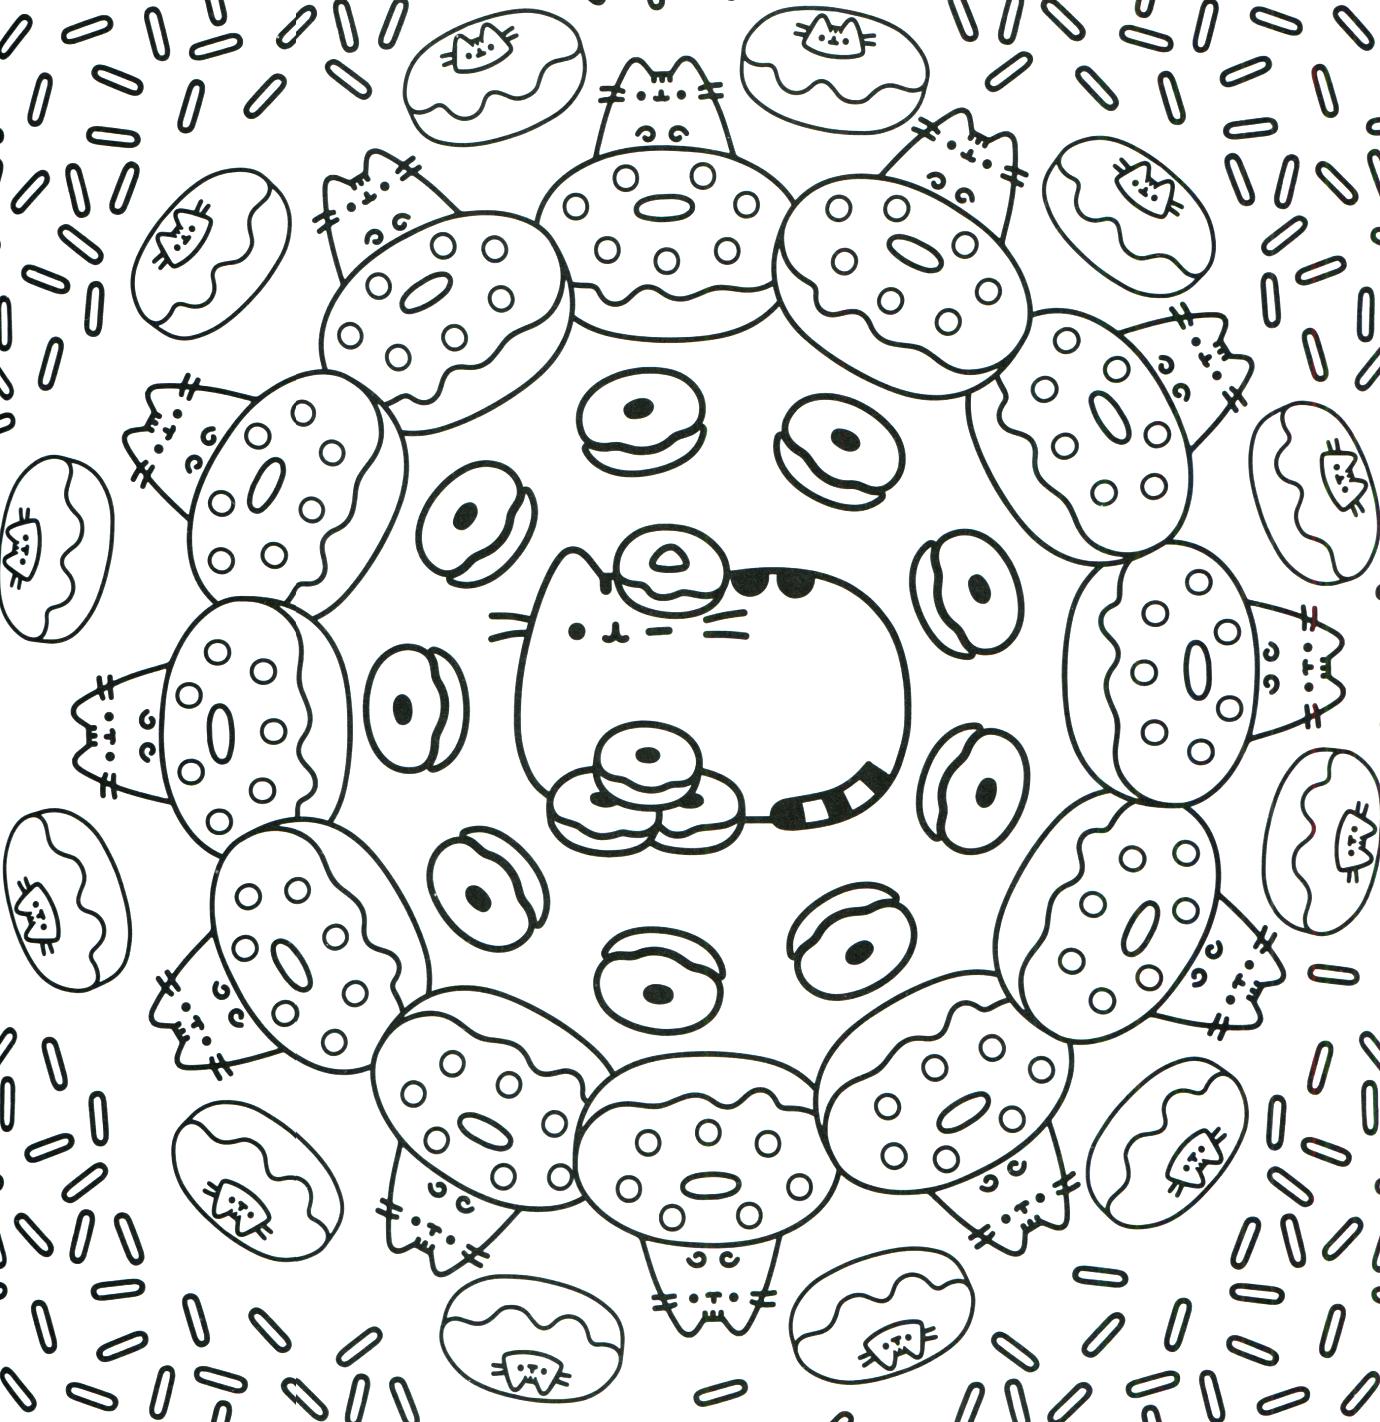 Pusheen Coloring Book Pusheen Pusheen The Cat Pusheen Coloring Pages Unicorn Coloring Pages Donut Coloring Page